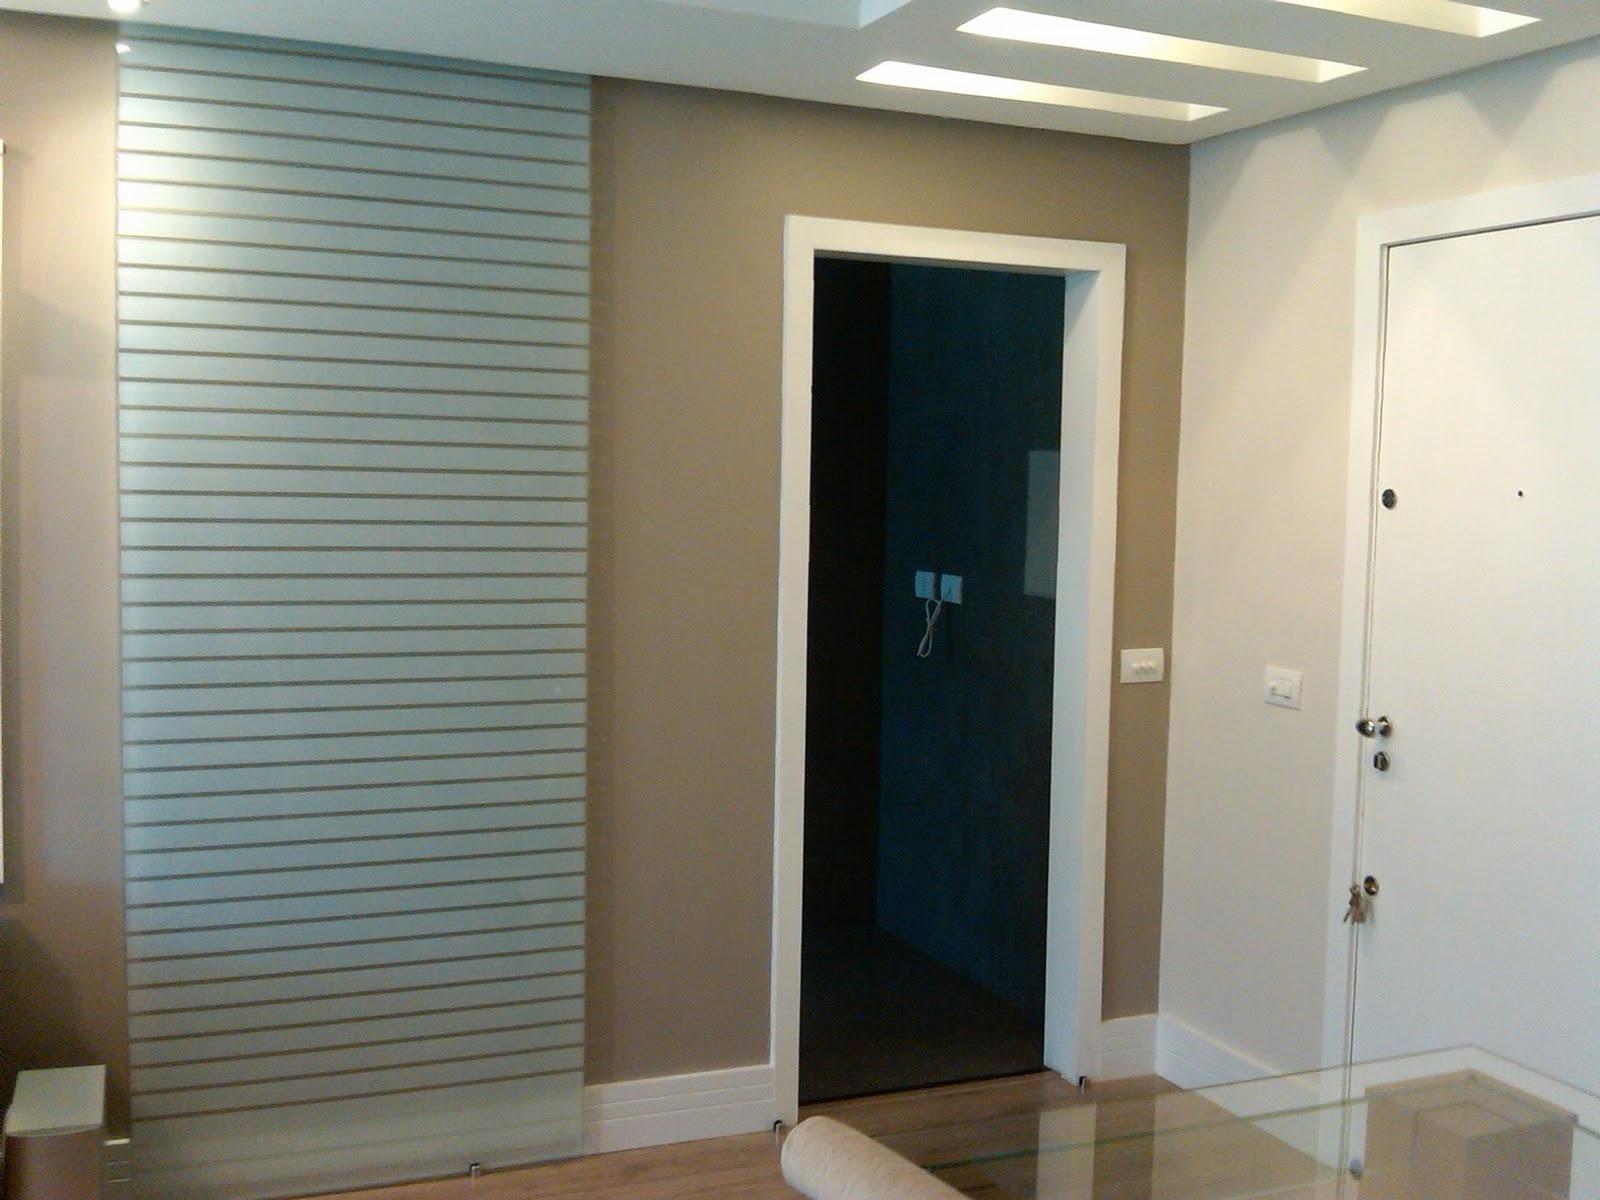 porta de vidro para sala decorativas porta de vidro para cozinha para #5D4E3C 1600x1200 Adesivo Blindex Banheiro